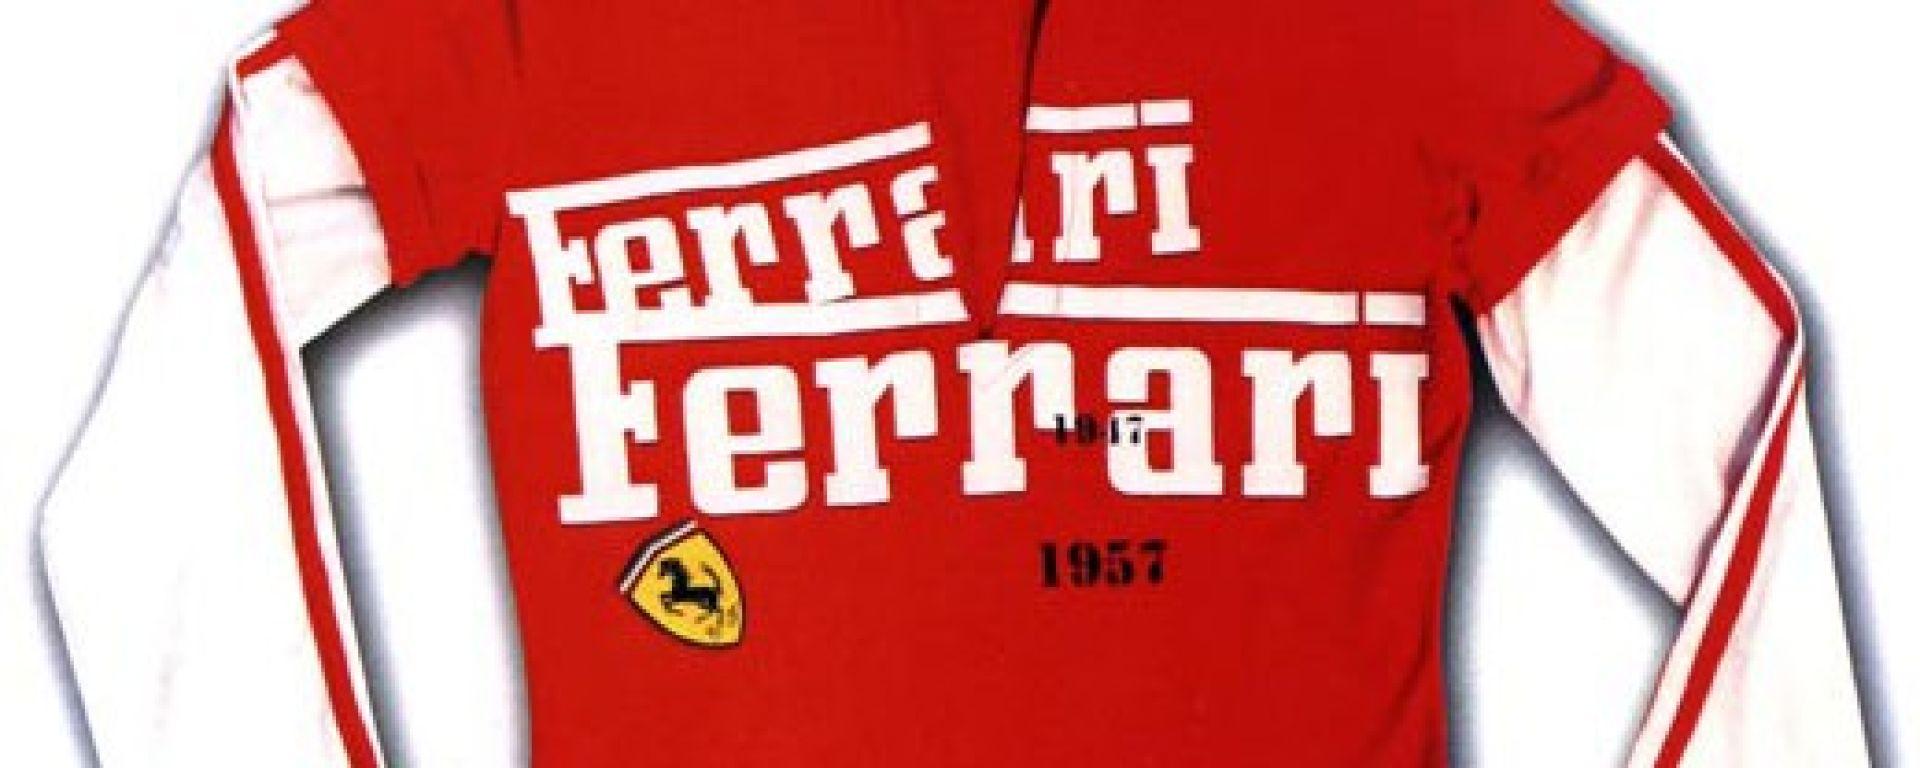 Collezione Ferrari autunno-inverno 2007